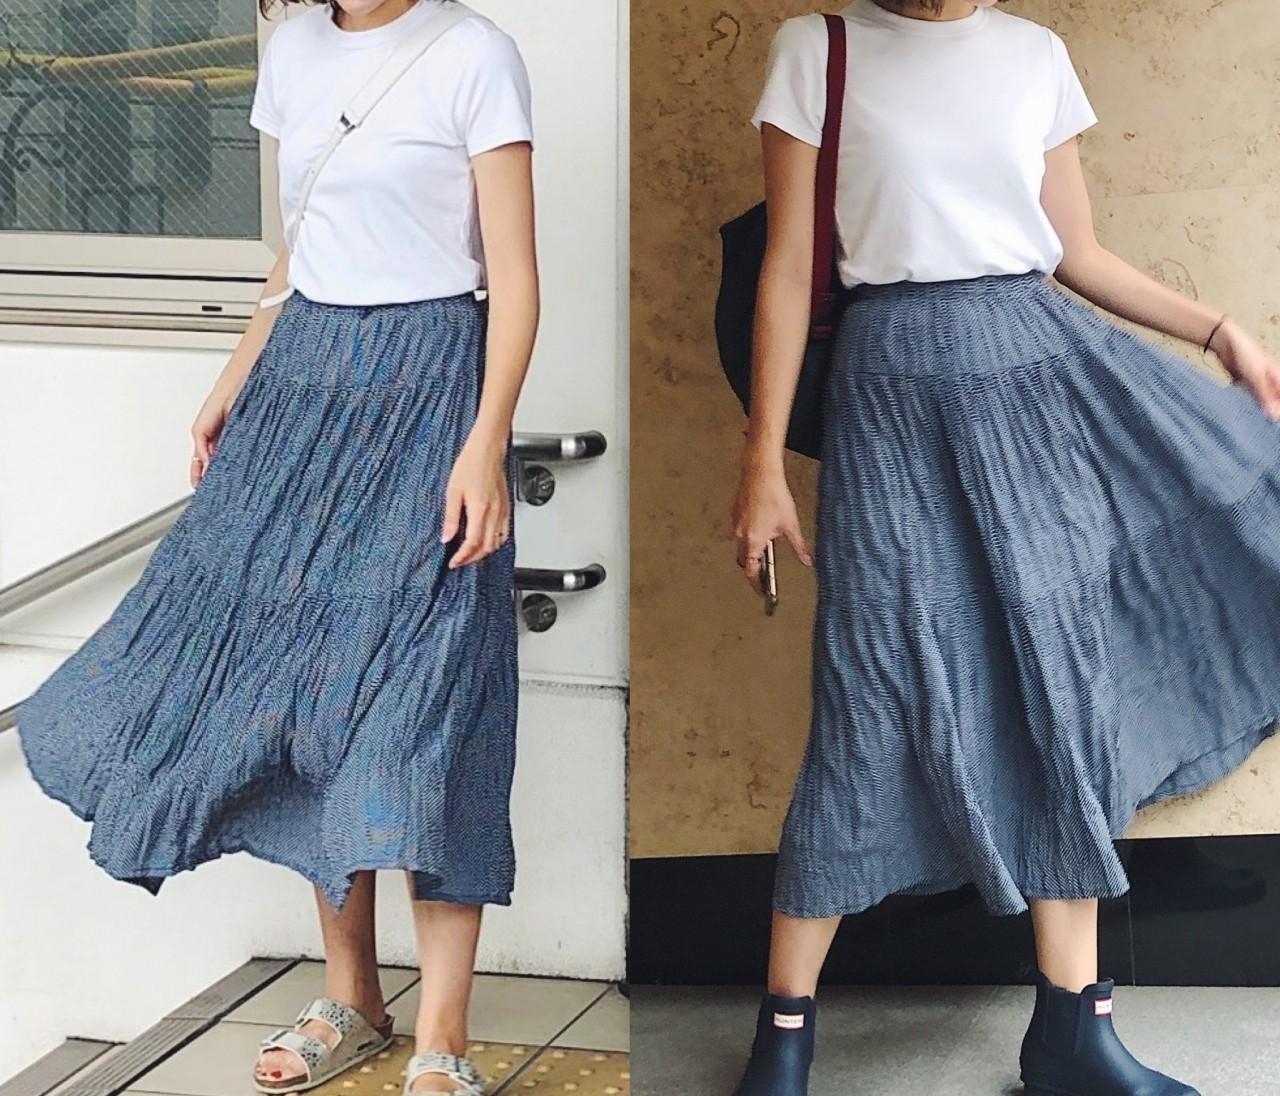 雨の日も晴れの日も涼しげ。《UNIQLO×INES プリーツスカート》が超優秀!